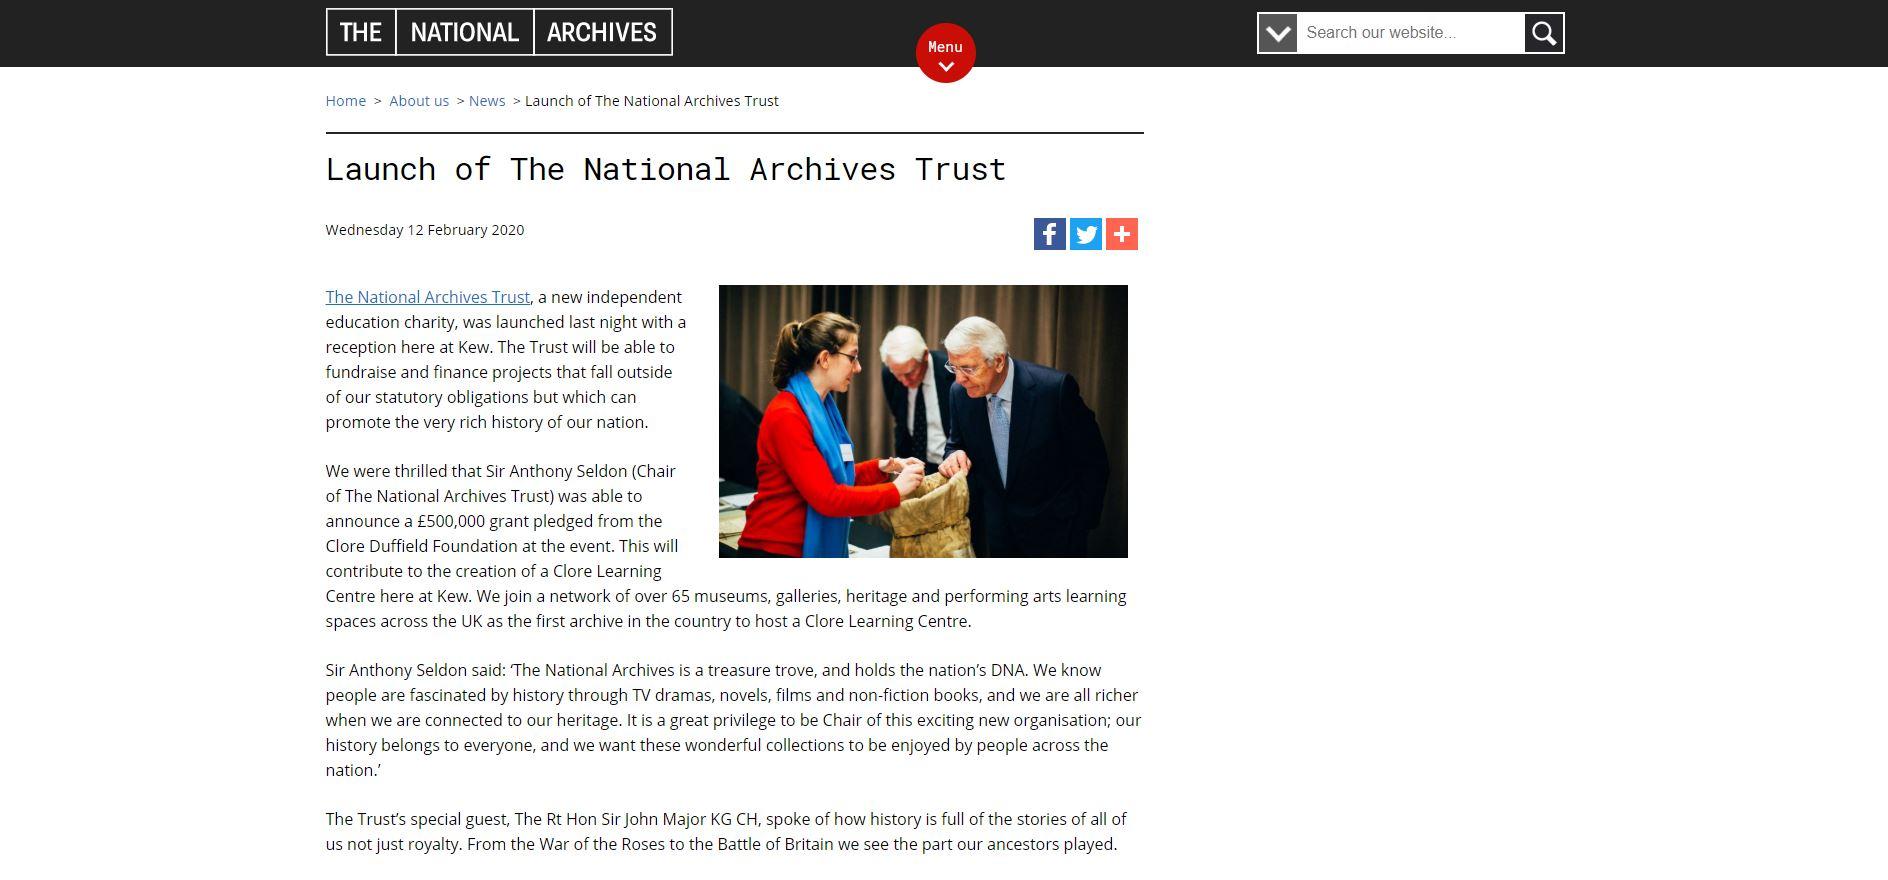 英國國家檔案基金會正式成立